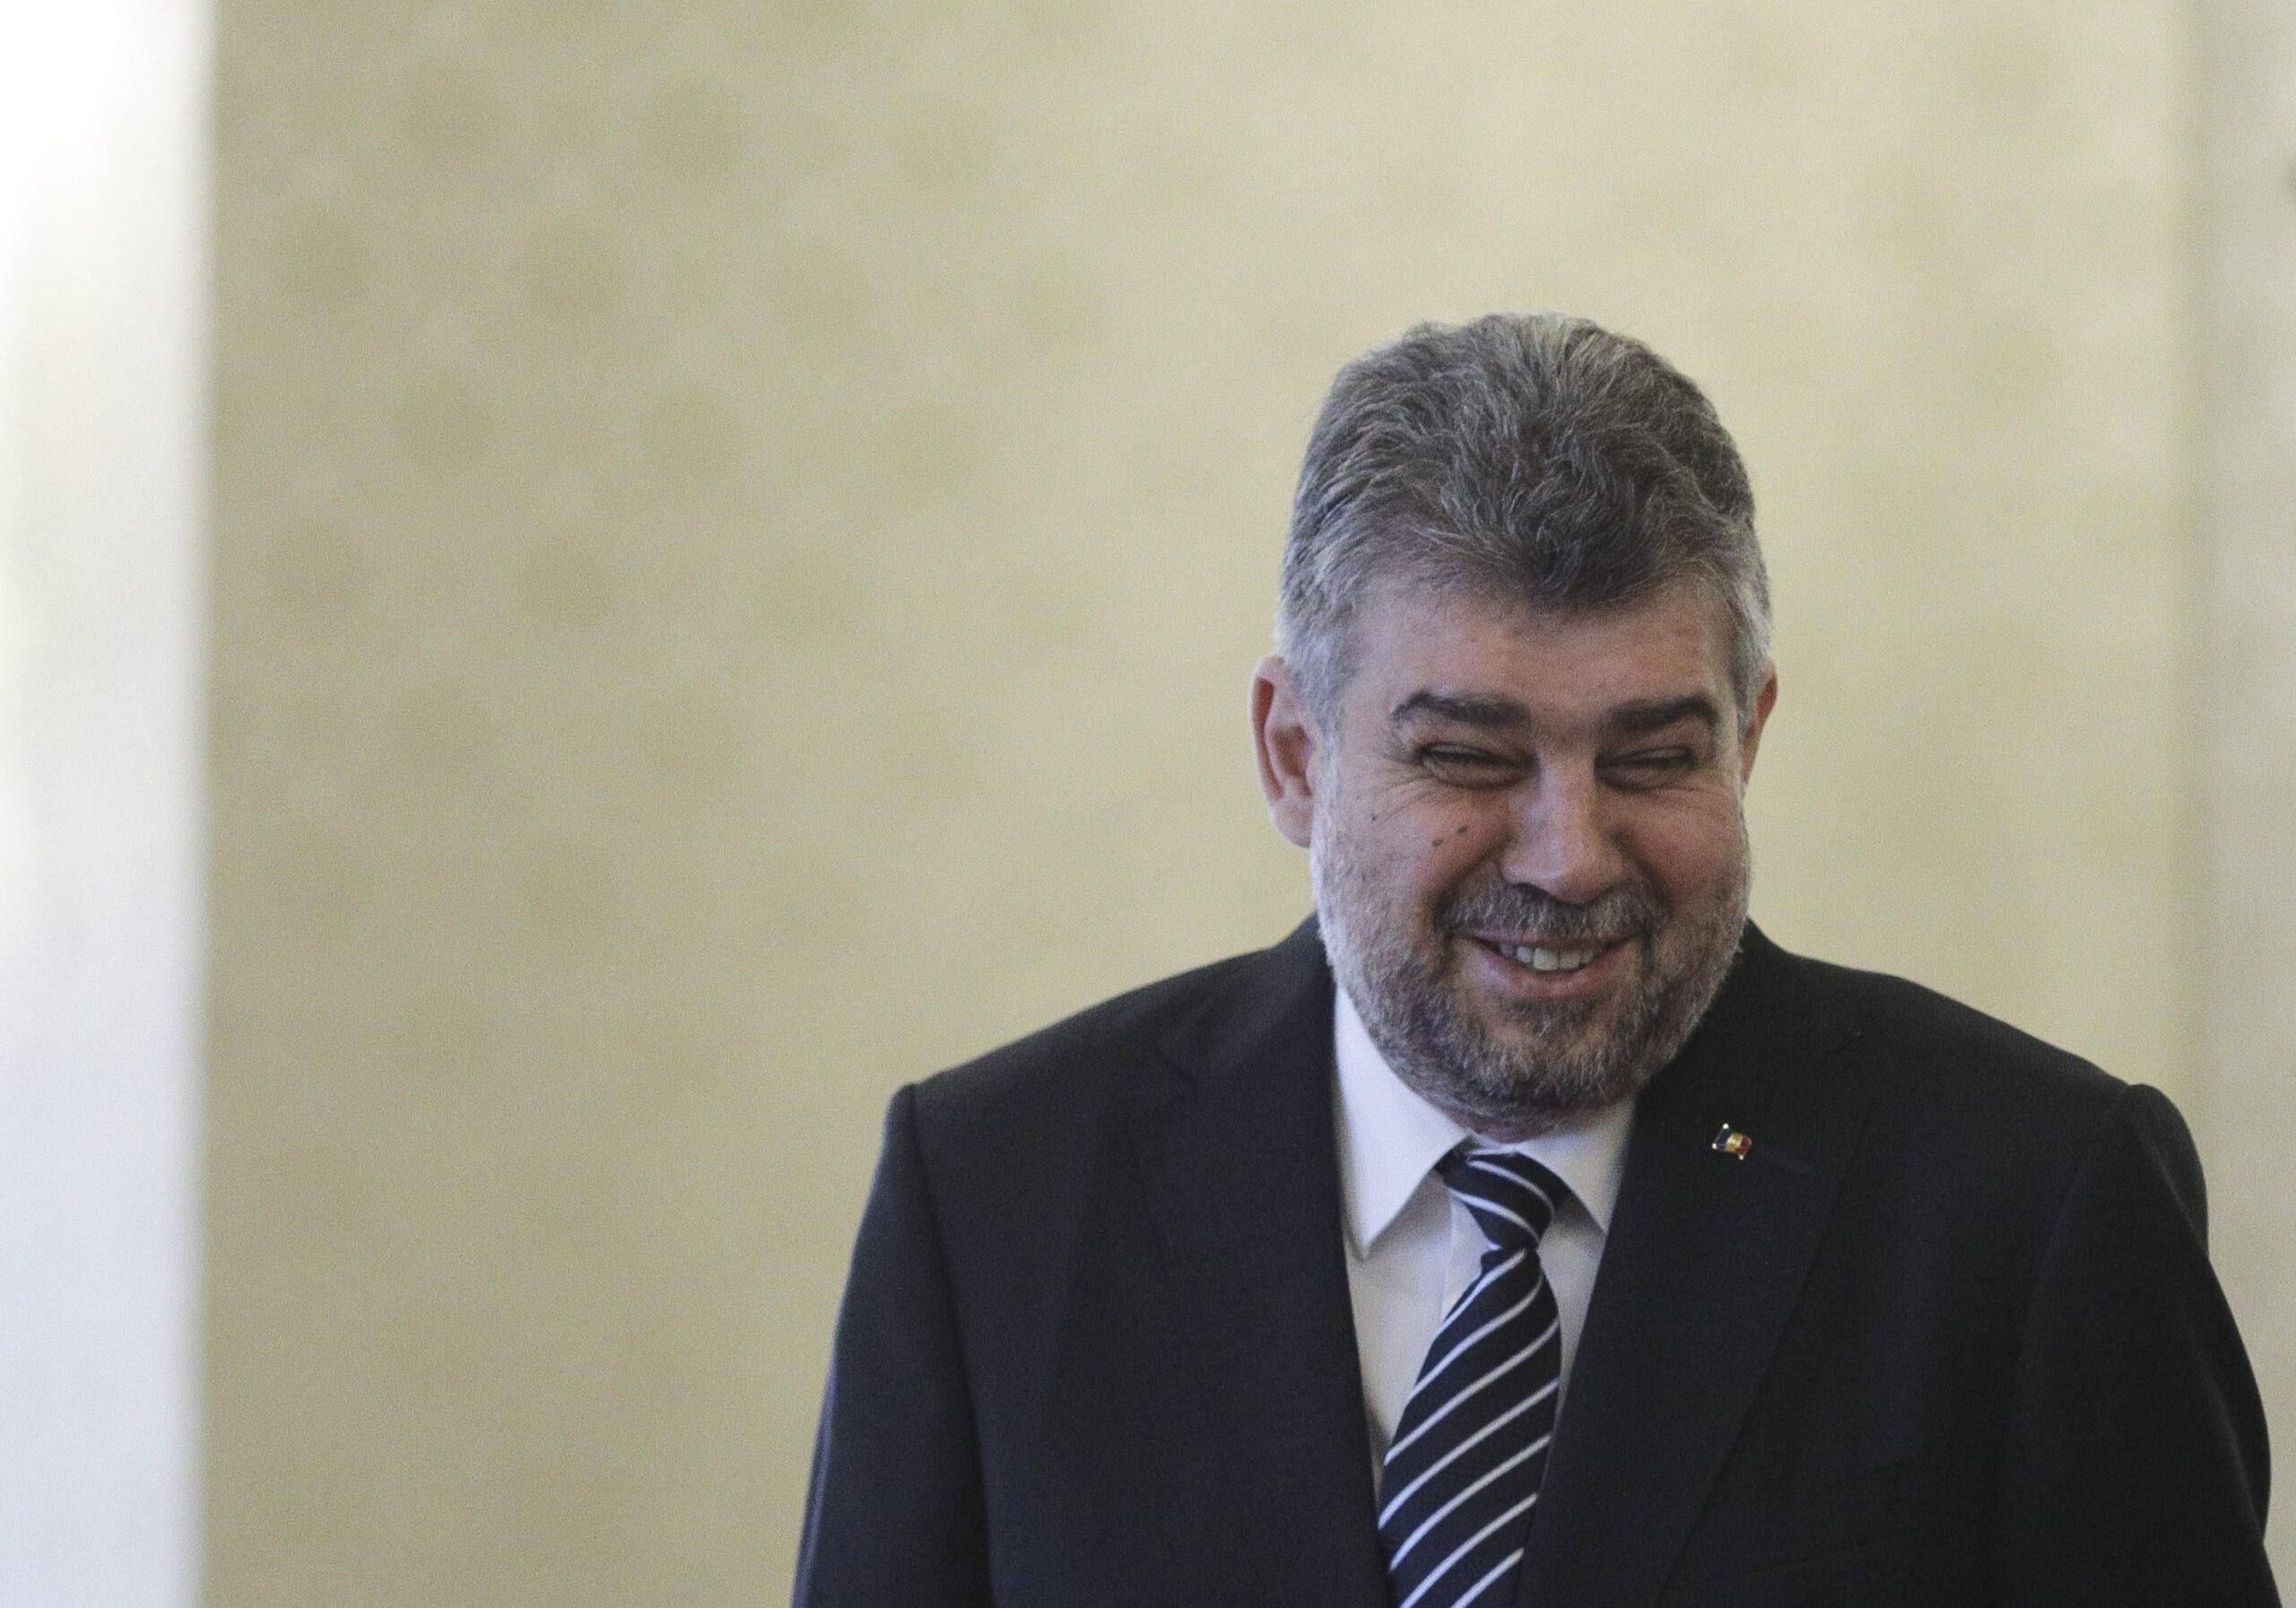 Ciolacu vrea ciolanul, nu rezolvarea crizei – 60m.ro